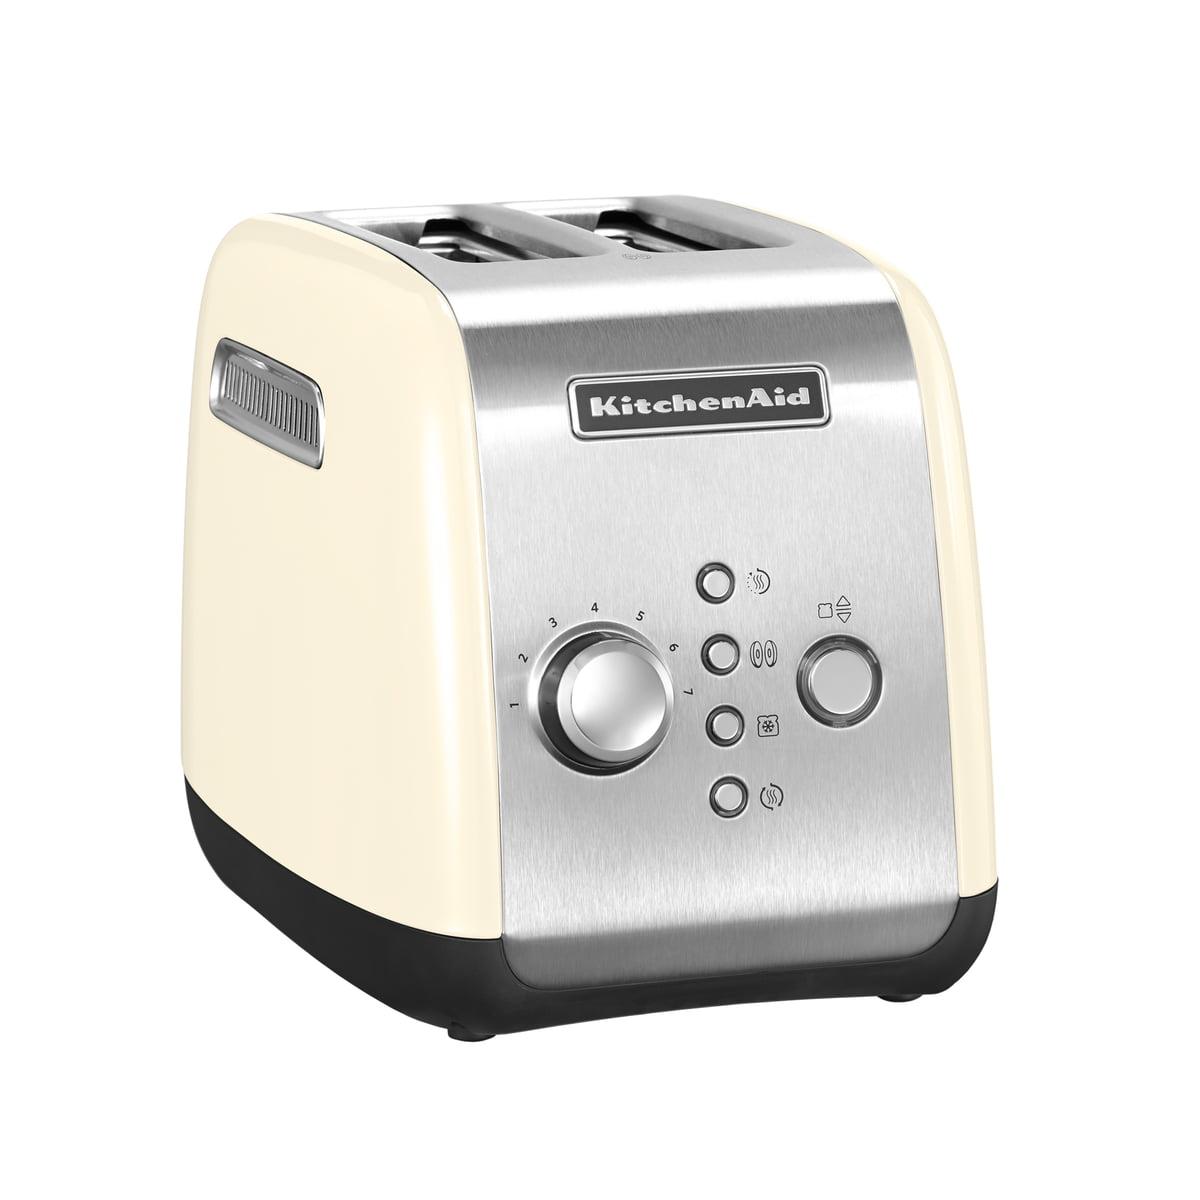 kitchen aid toaster oven ikea sink kitchenaid manual